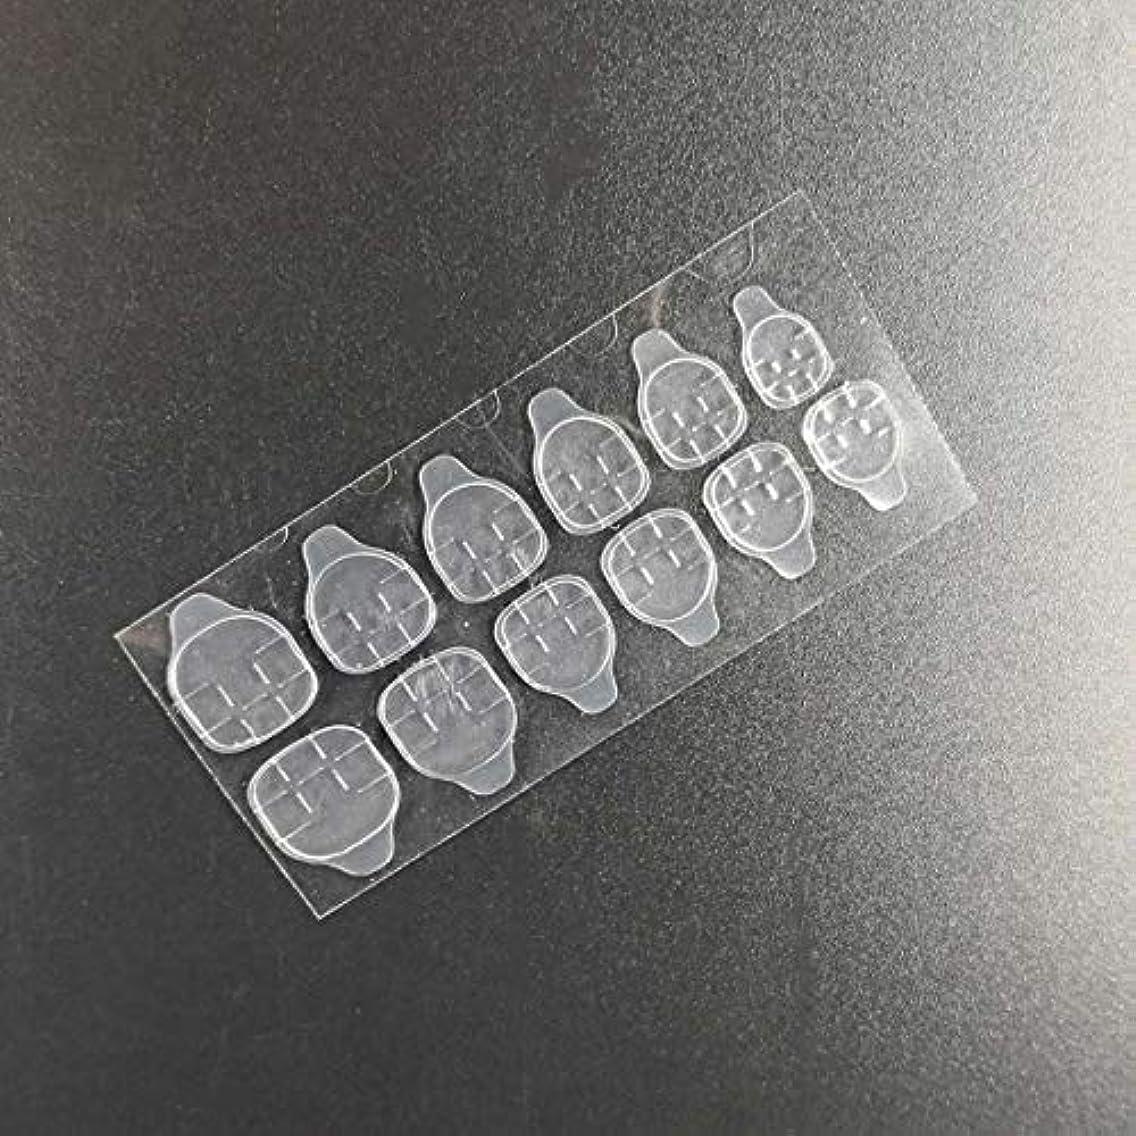 ドキドキ触手皮肉Quzama-JS ニースネイルゼリー両面粘着テープ透明ネイルグルーステッカーネイルアート美容実用実用ネイルゼリーステッカー(None Clear strip)